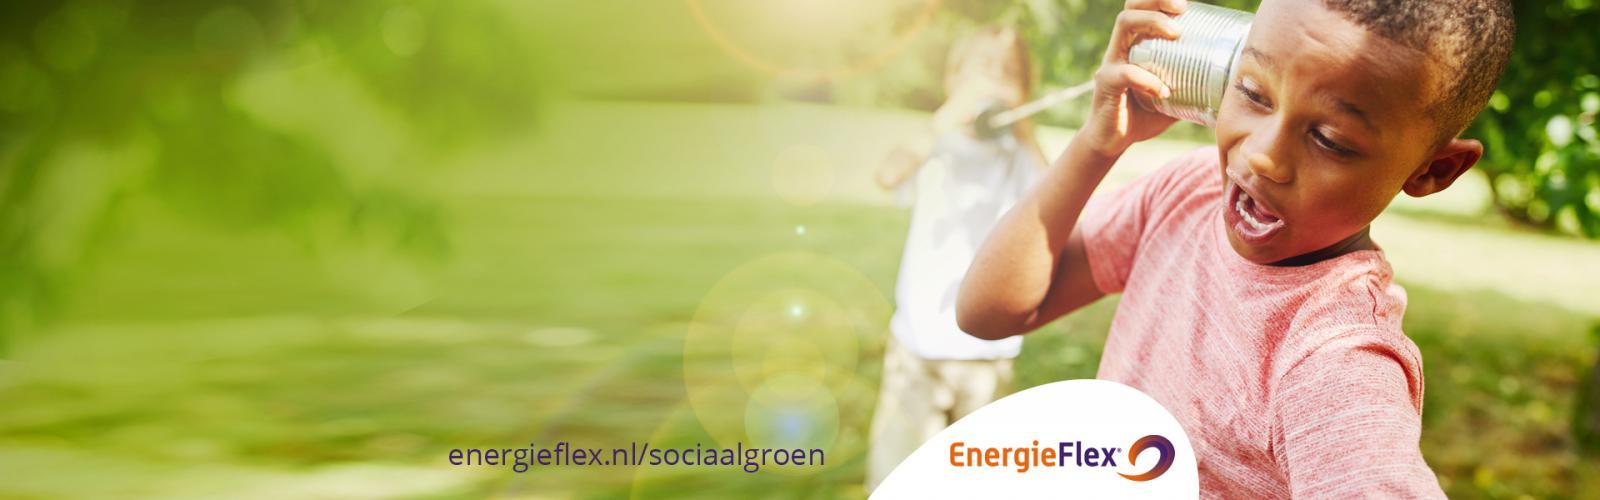 EnergieFlex sponsors NEC